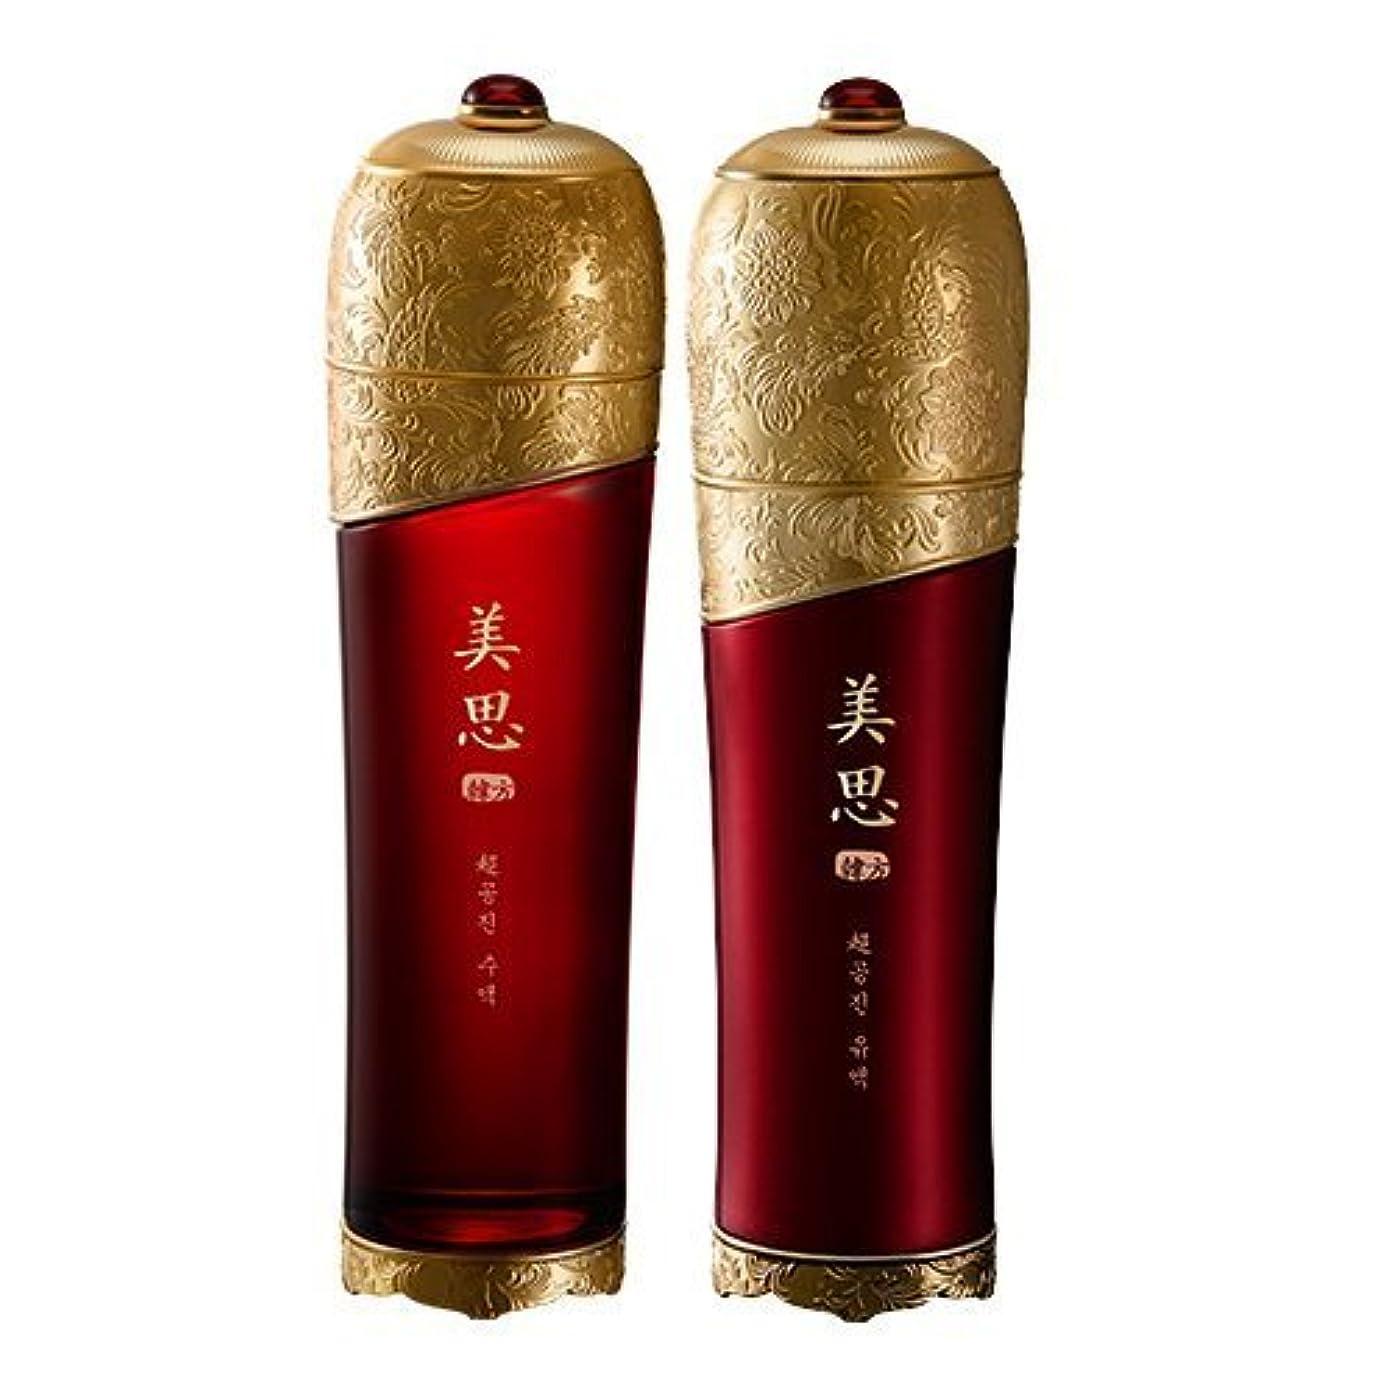 アンプ家アルコールMISSHA(ミシャ) 美思 韓方 チョゴンジン 基礎化粧品 スキンケア 化粧水+乳液=お得2種Set